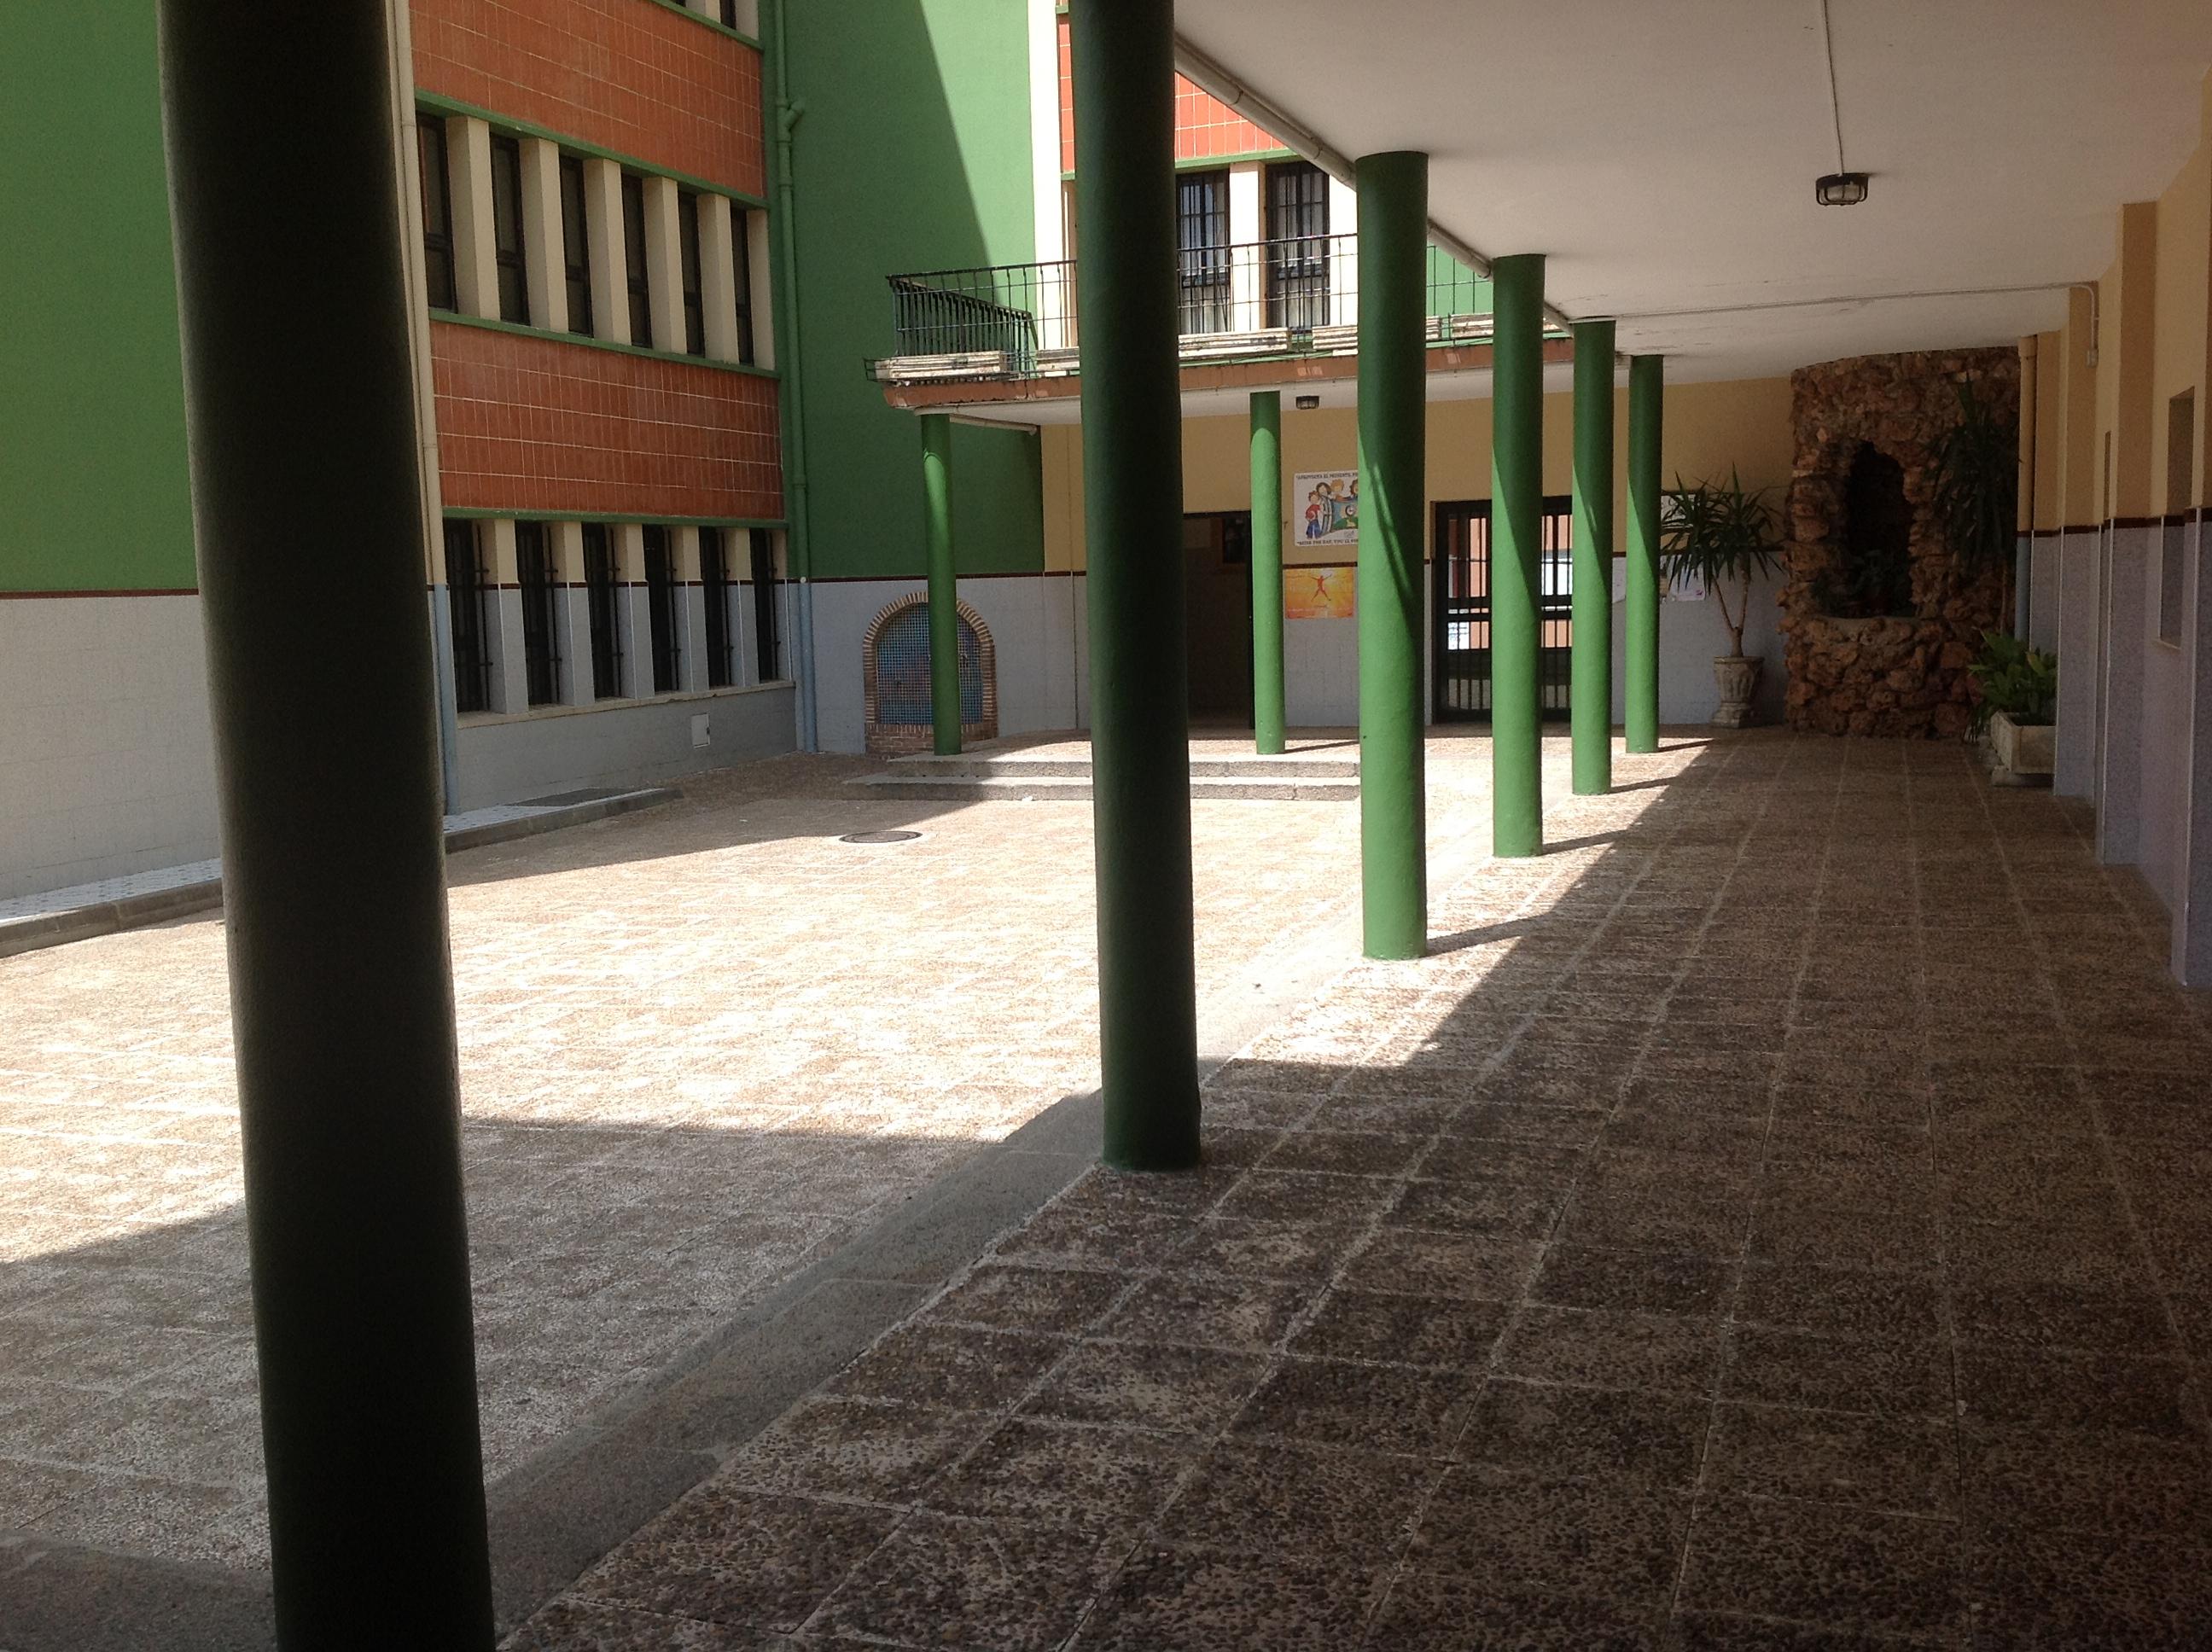 instalaciones-del-colegio_10443093103_o